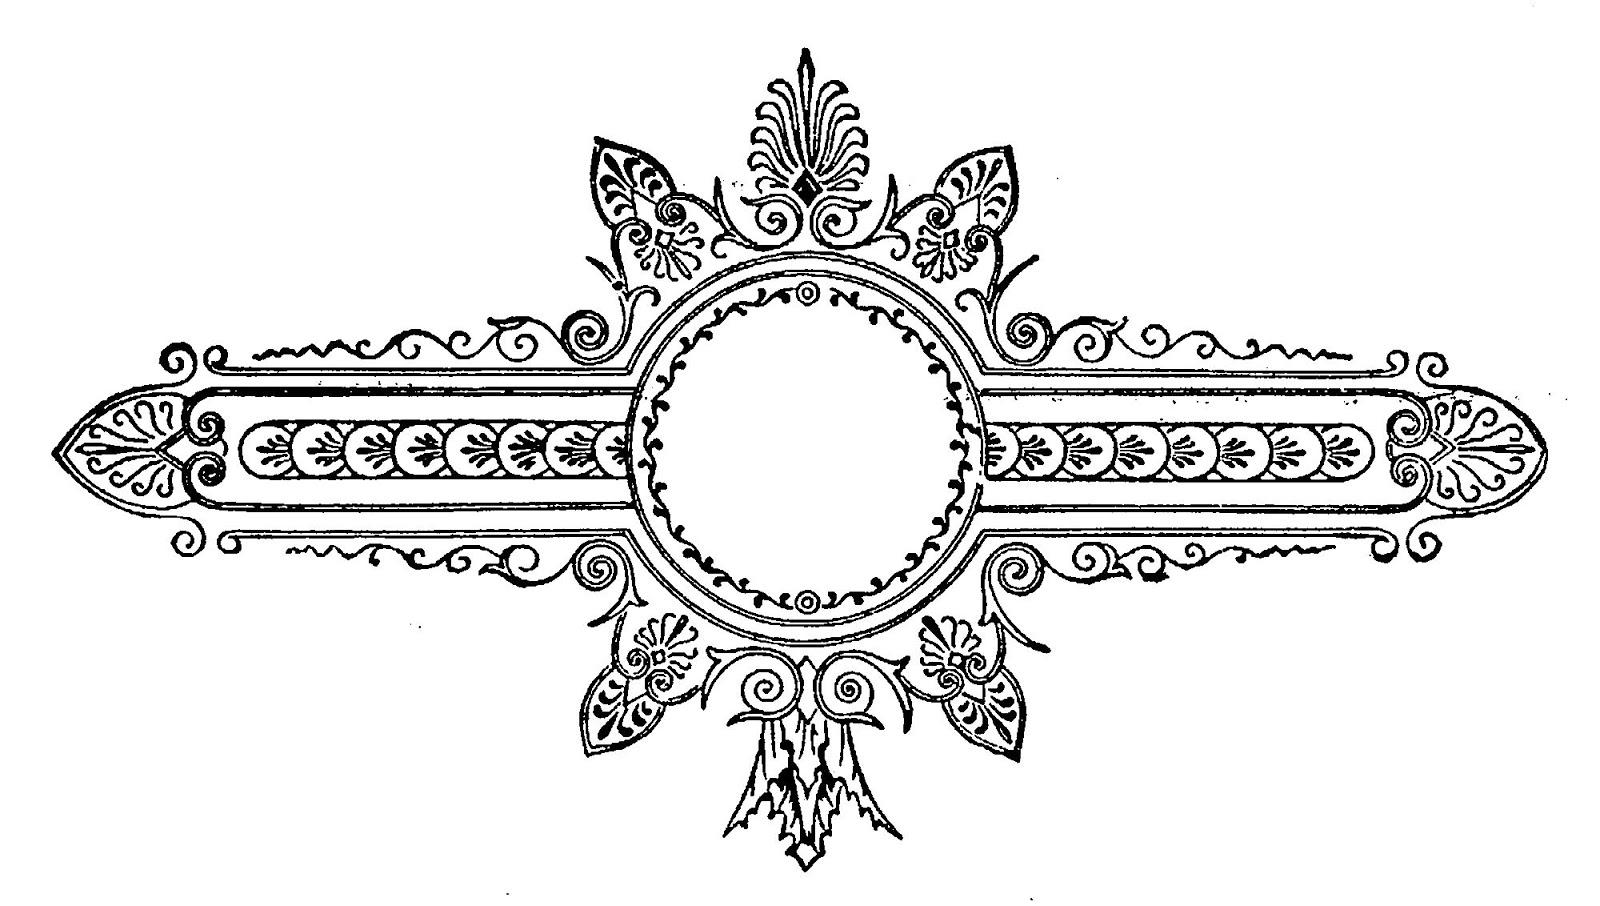 Digital Stamp Design Royalty Free Label Design Decorative